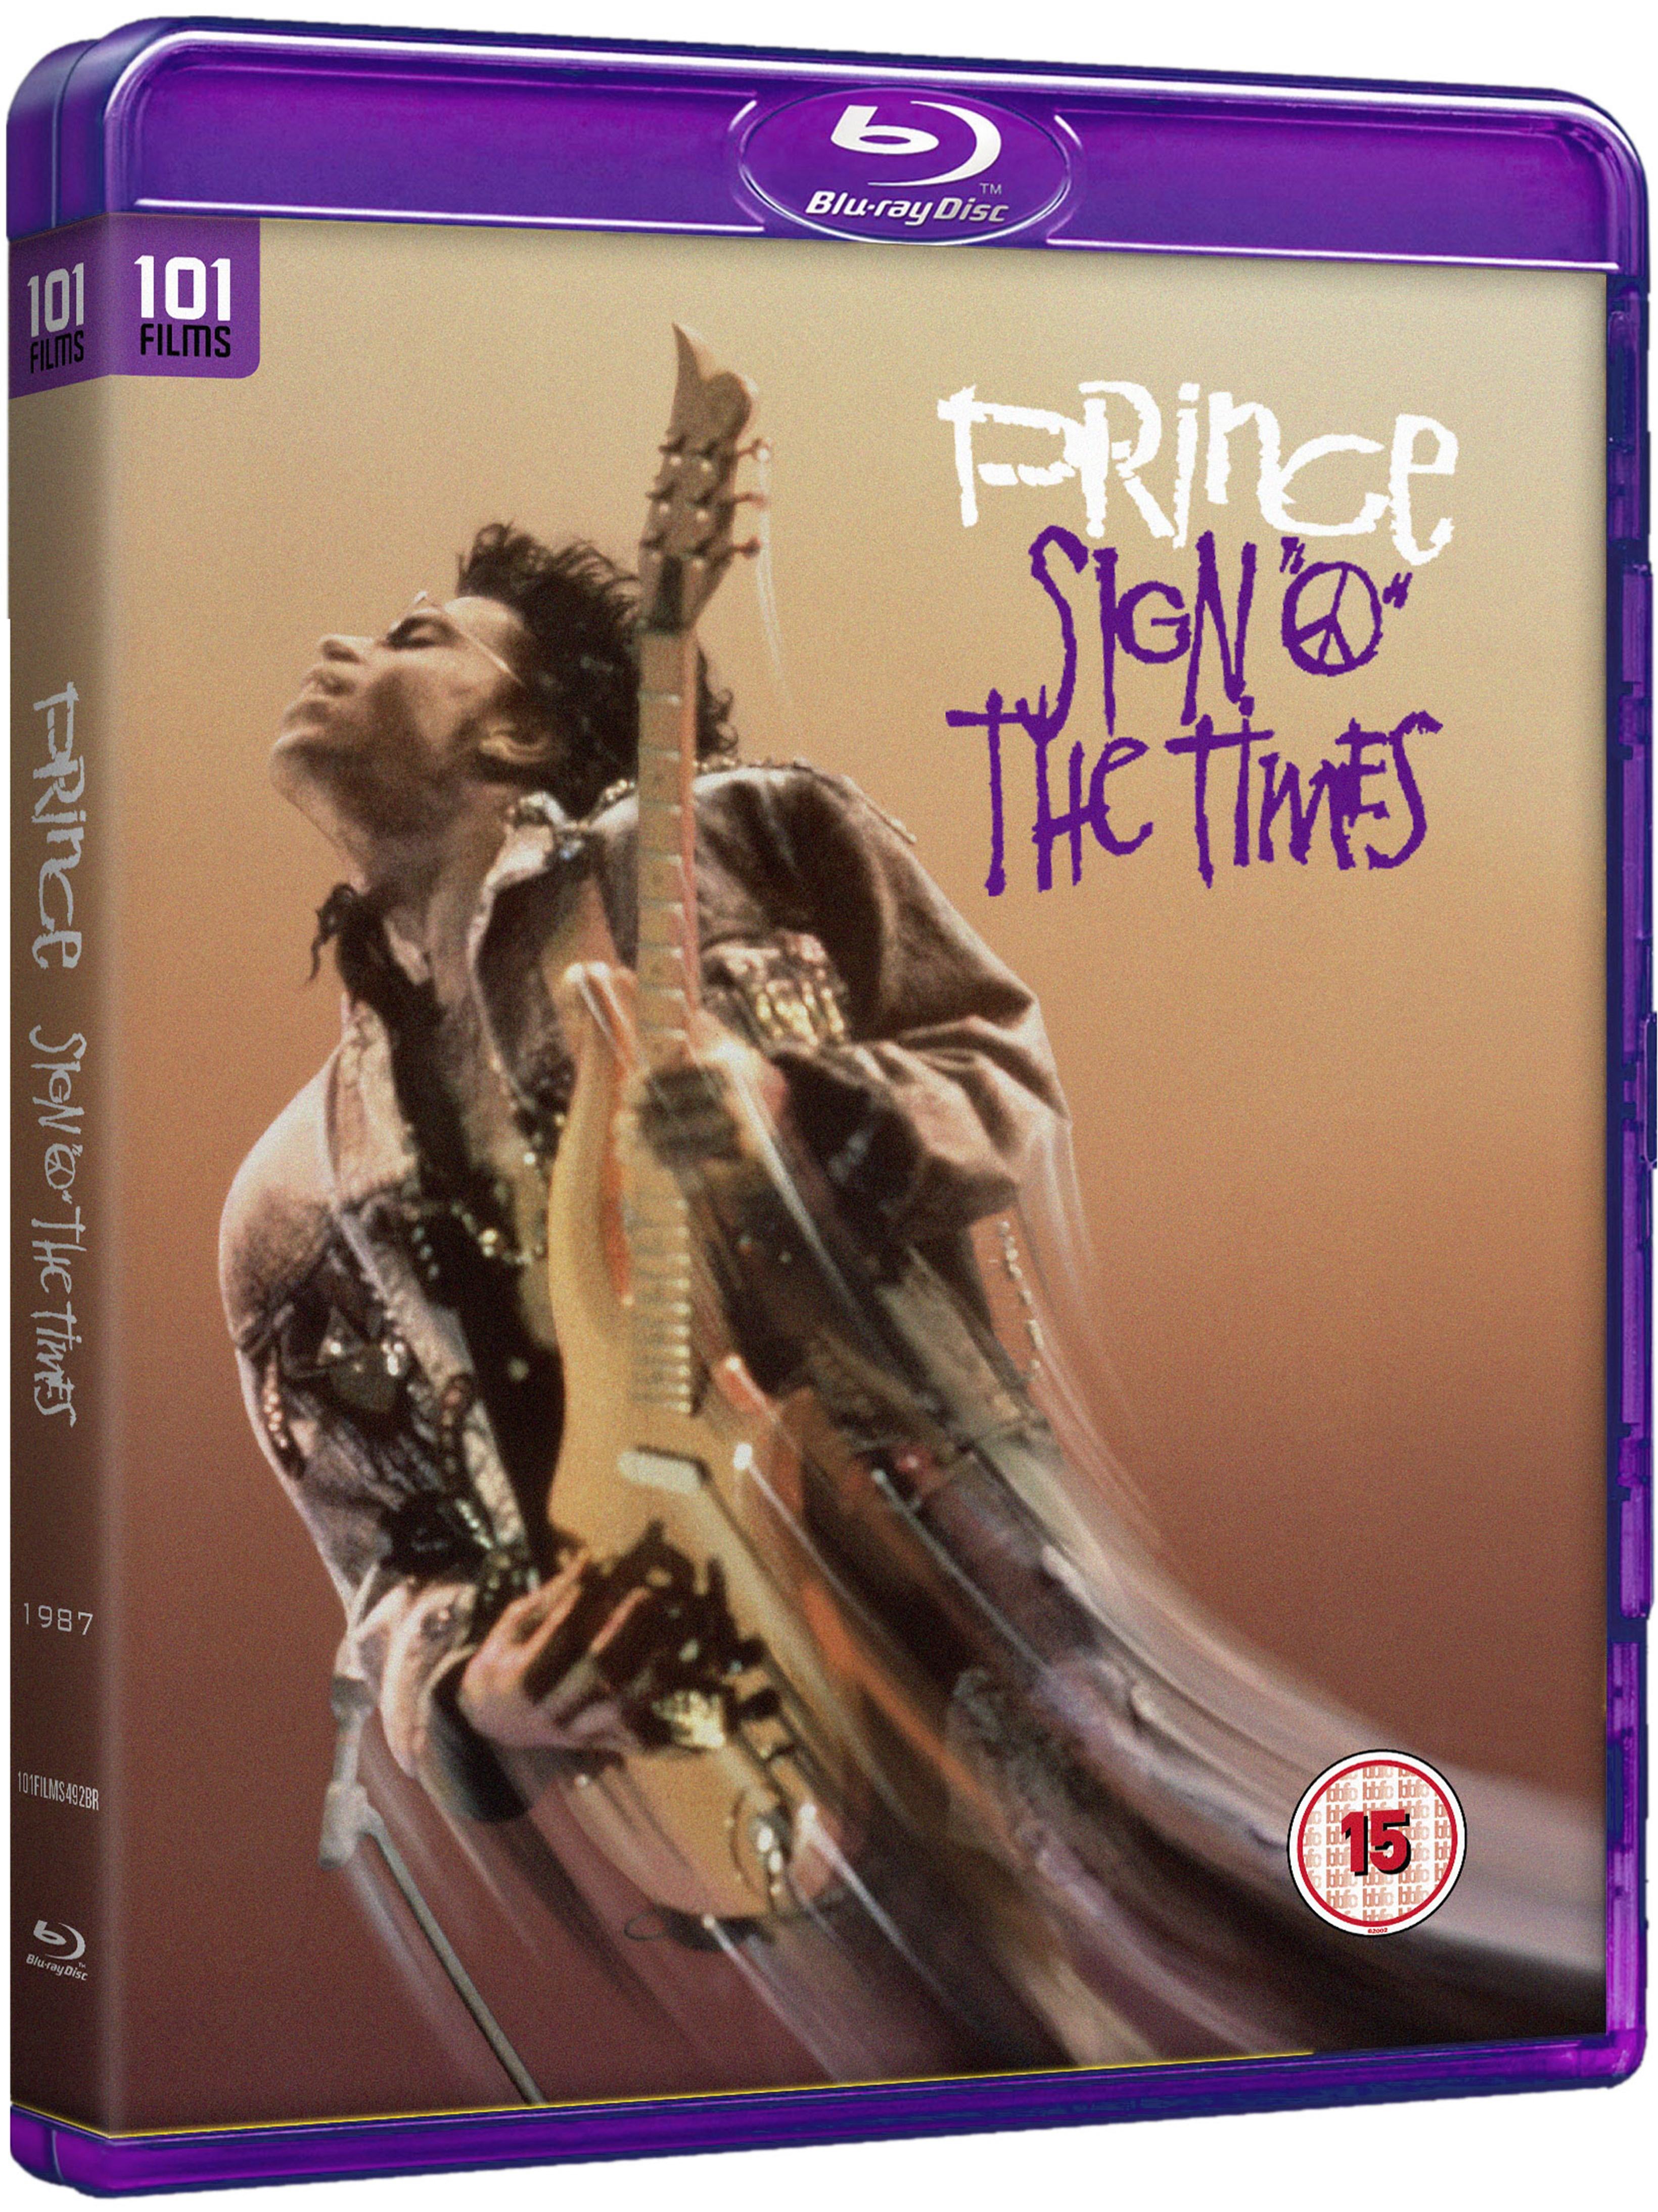 Prince: Sign 'O' the Times - 2